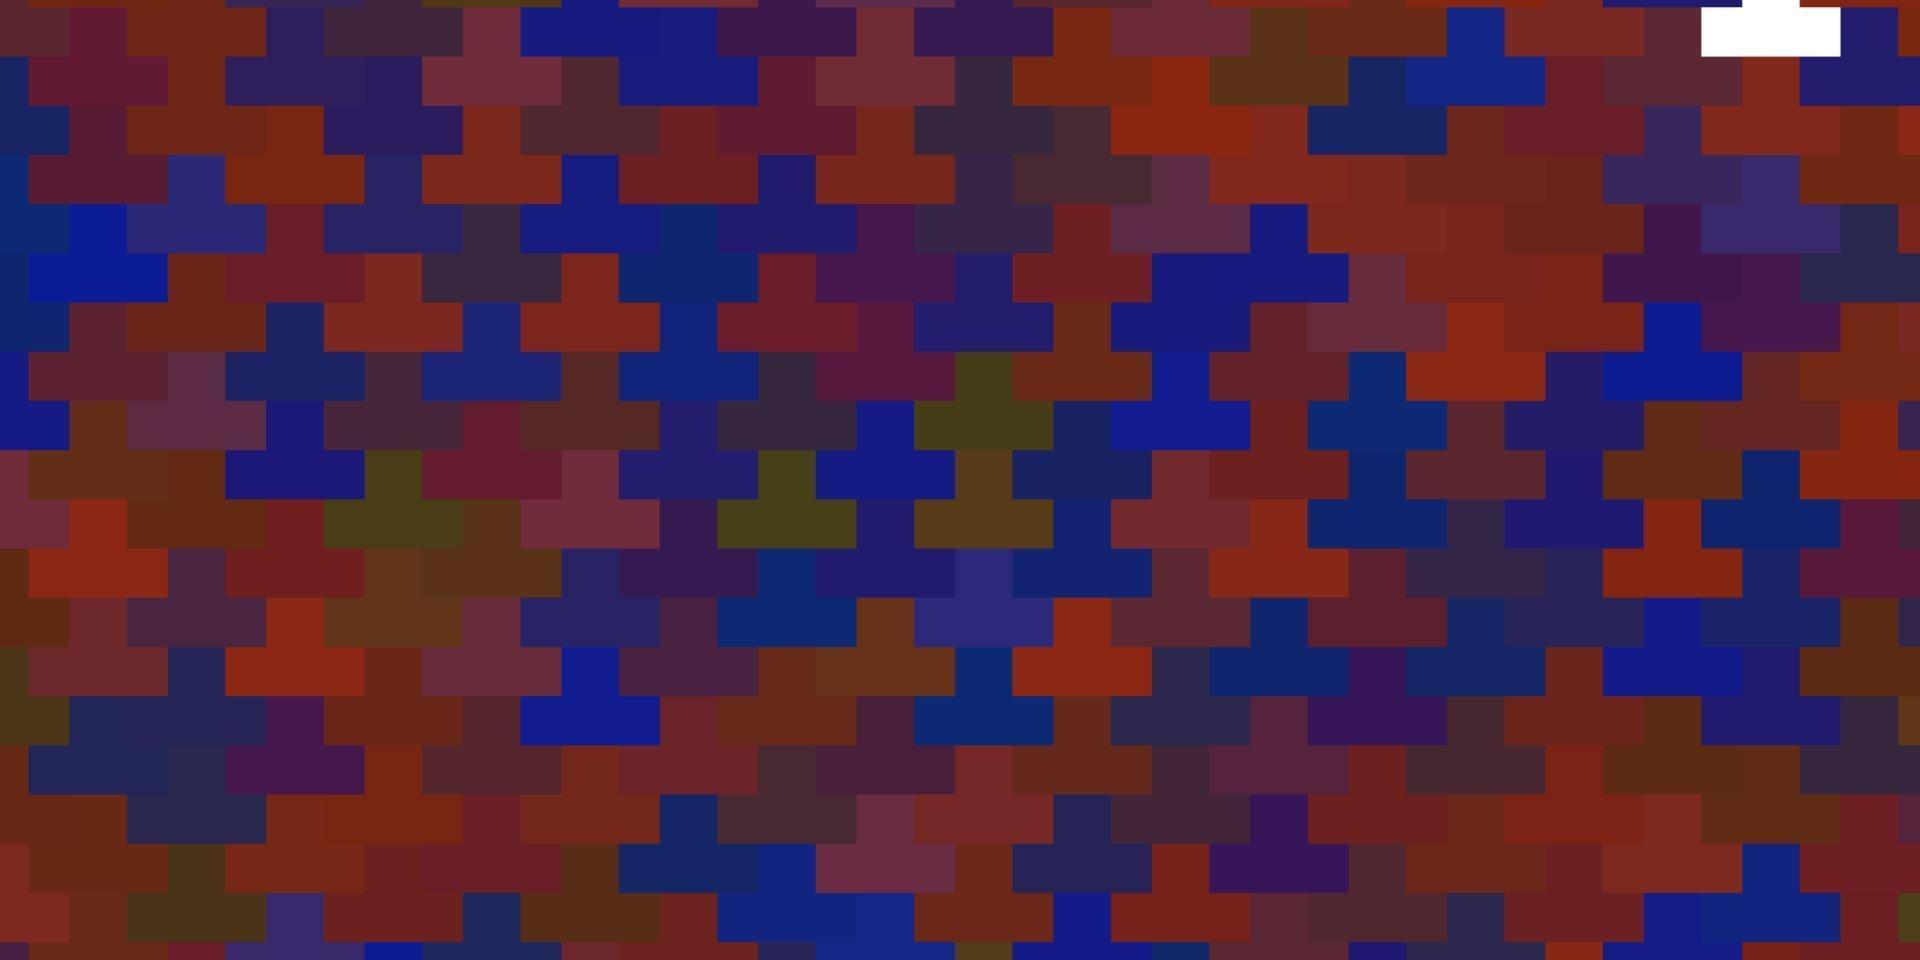 plantilla de vector azul claro, rojo con rectángulos.